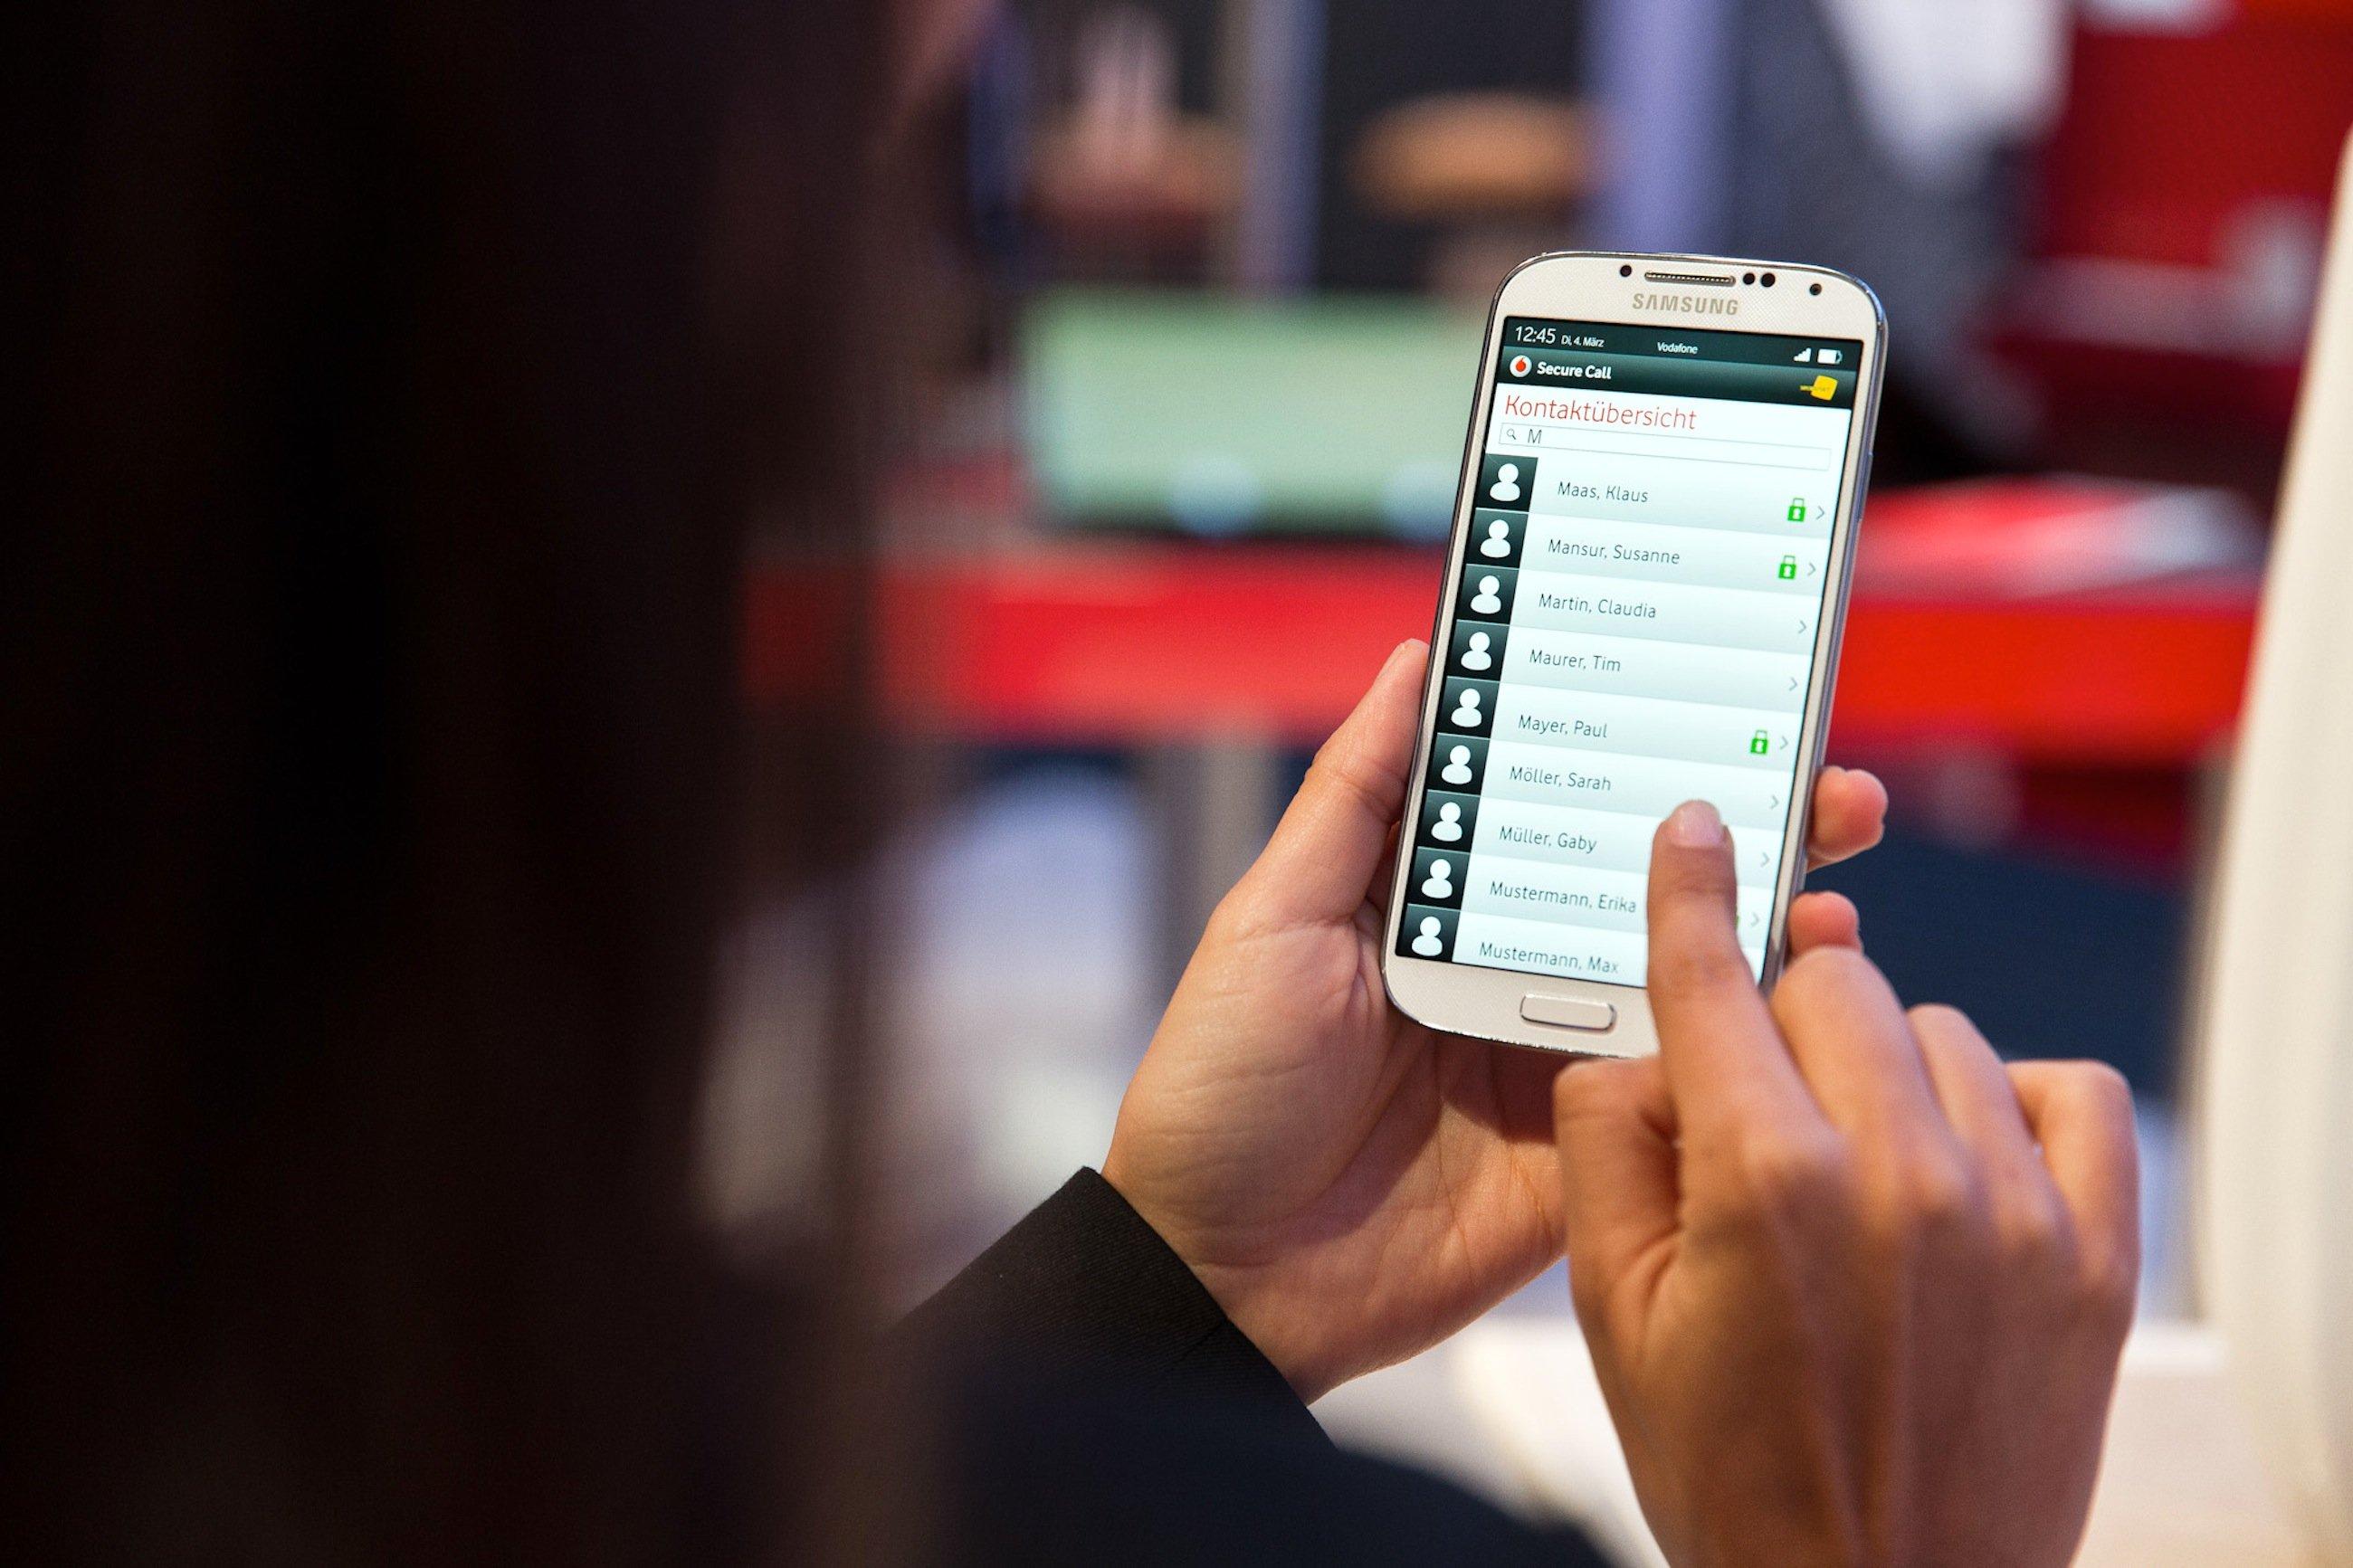 Vodafone will ab Herbst ein neuesKryptoverfahrenfür Geschäftskunden einführen, das die Verschlüsselung von E-Mails erlaubt, ohne dass der Empfänger über die Software verfügen muss.